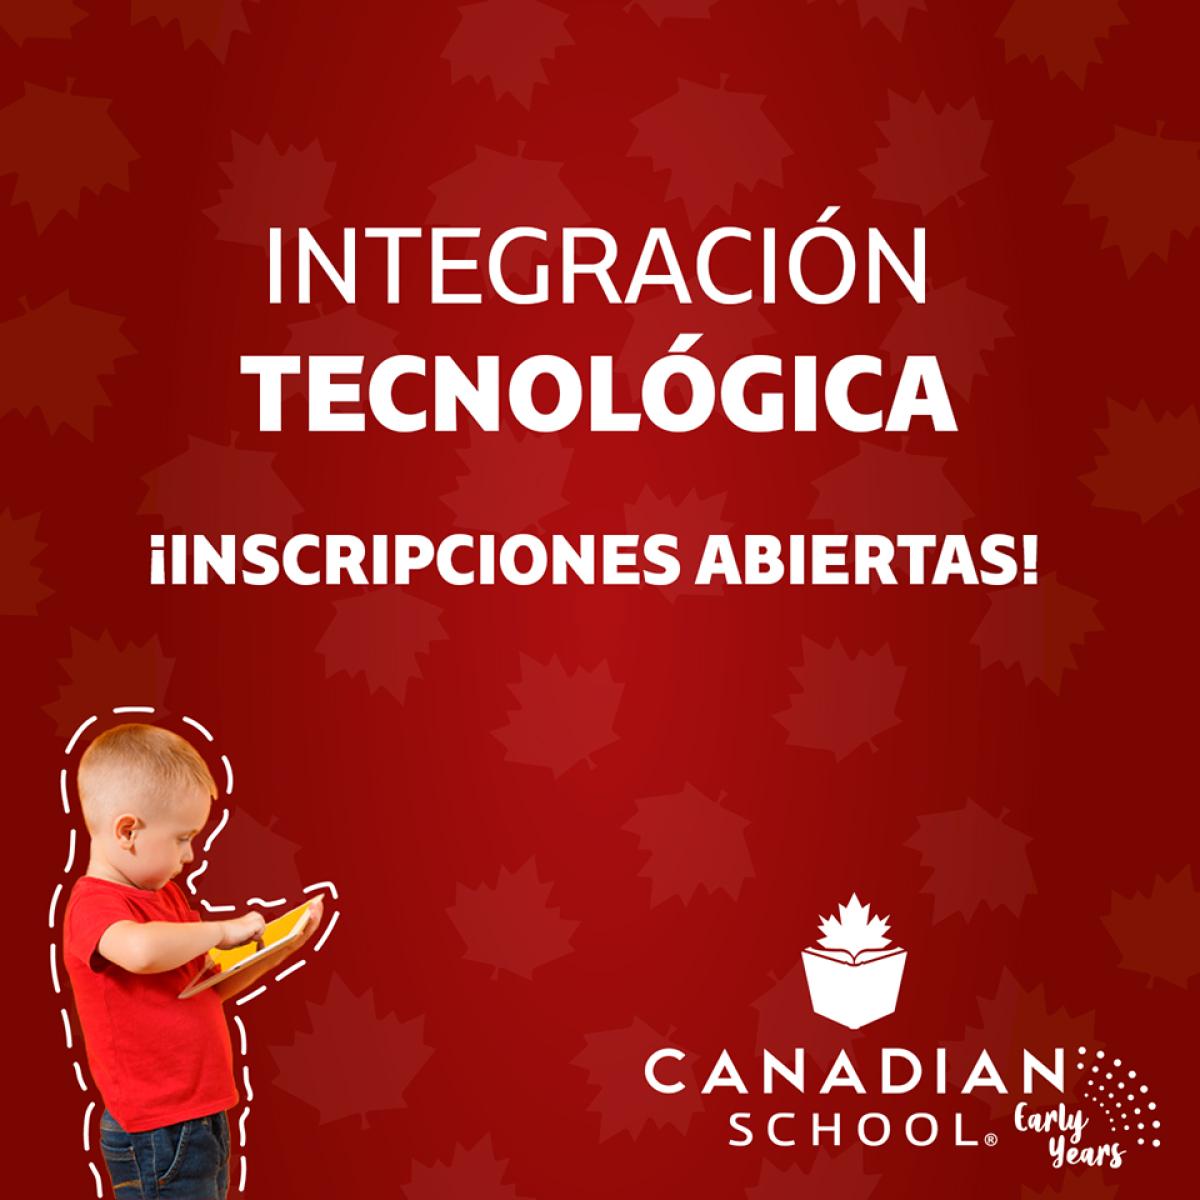 Promoción 4 De Canadian School Early Years